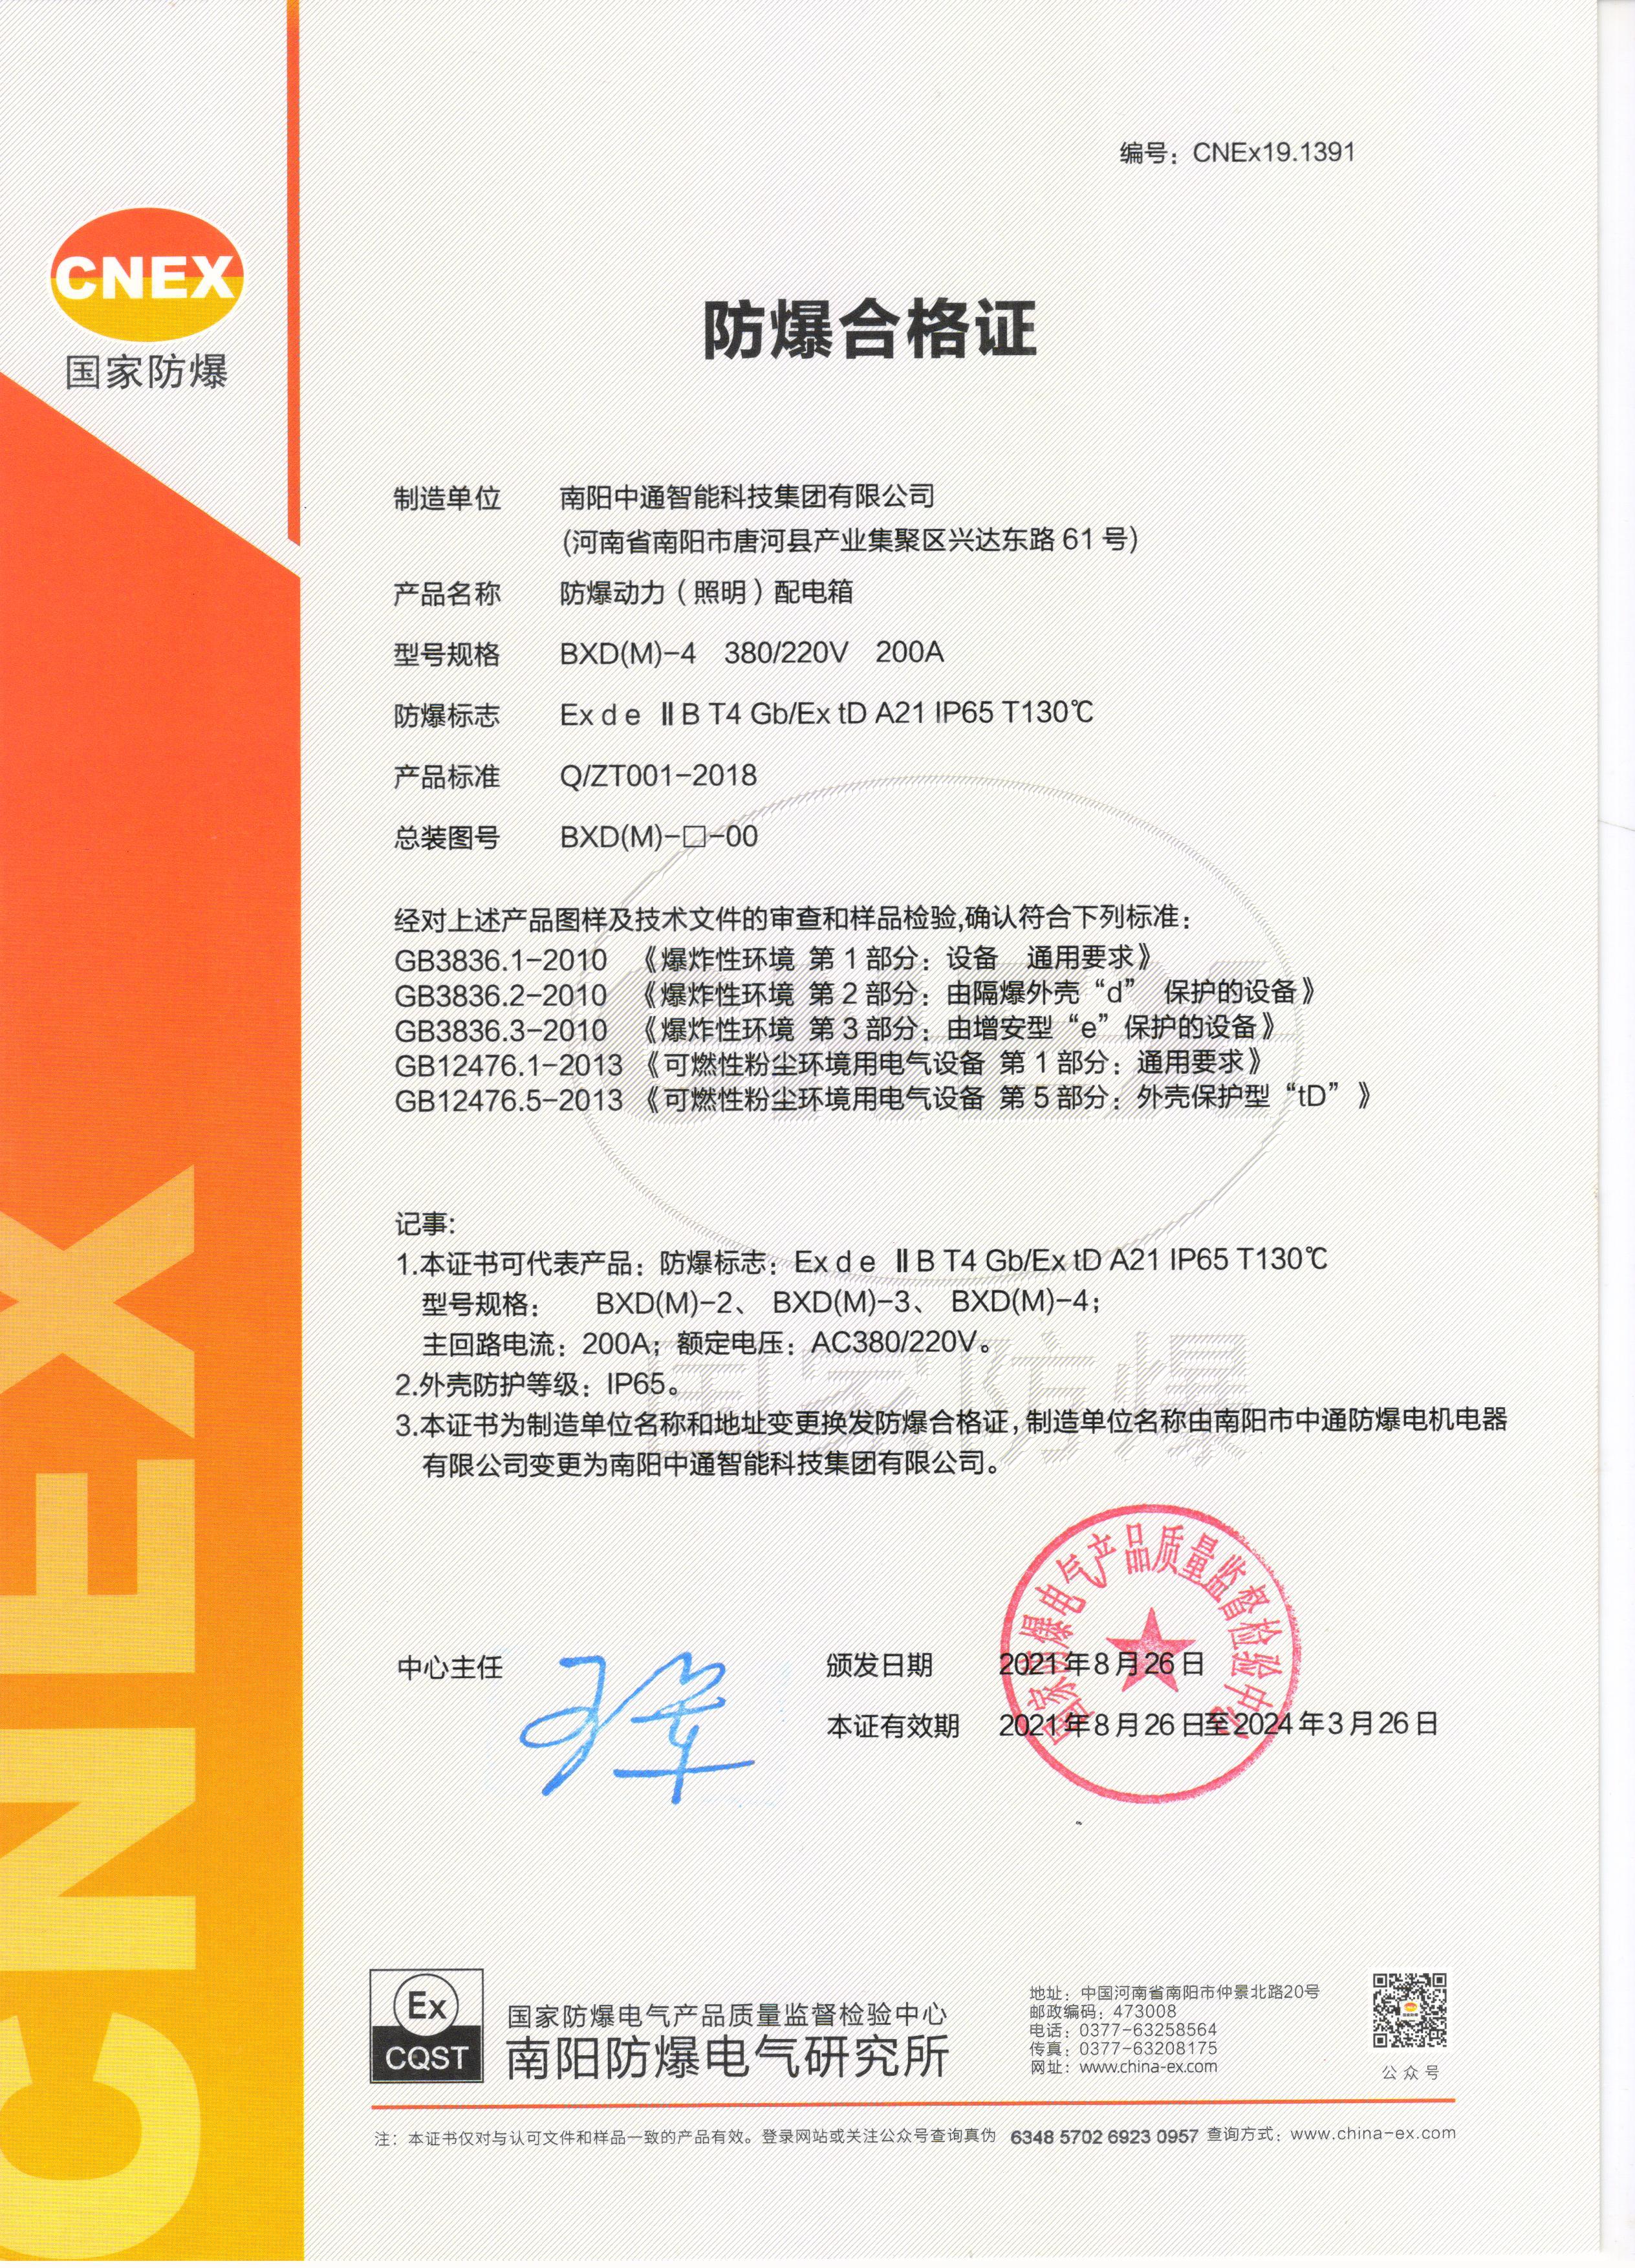 CNEx19.1391-BXD系列防爆动力(照明)配电箱防爆合格证